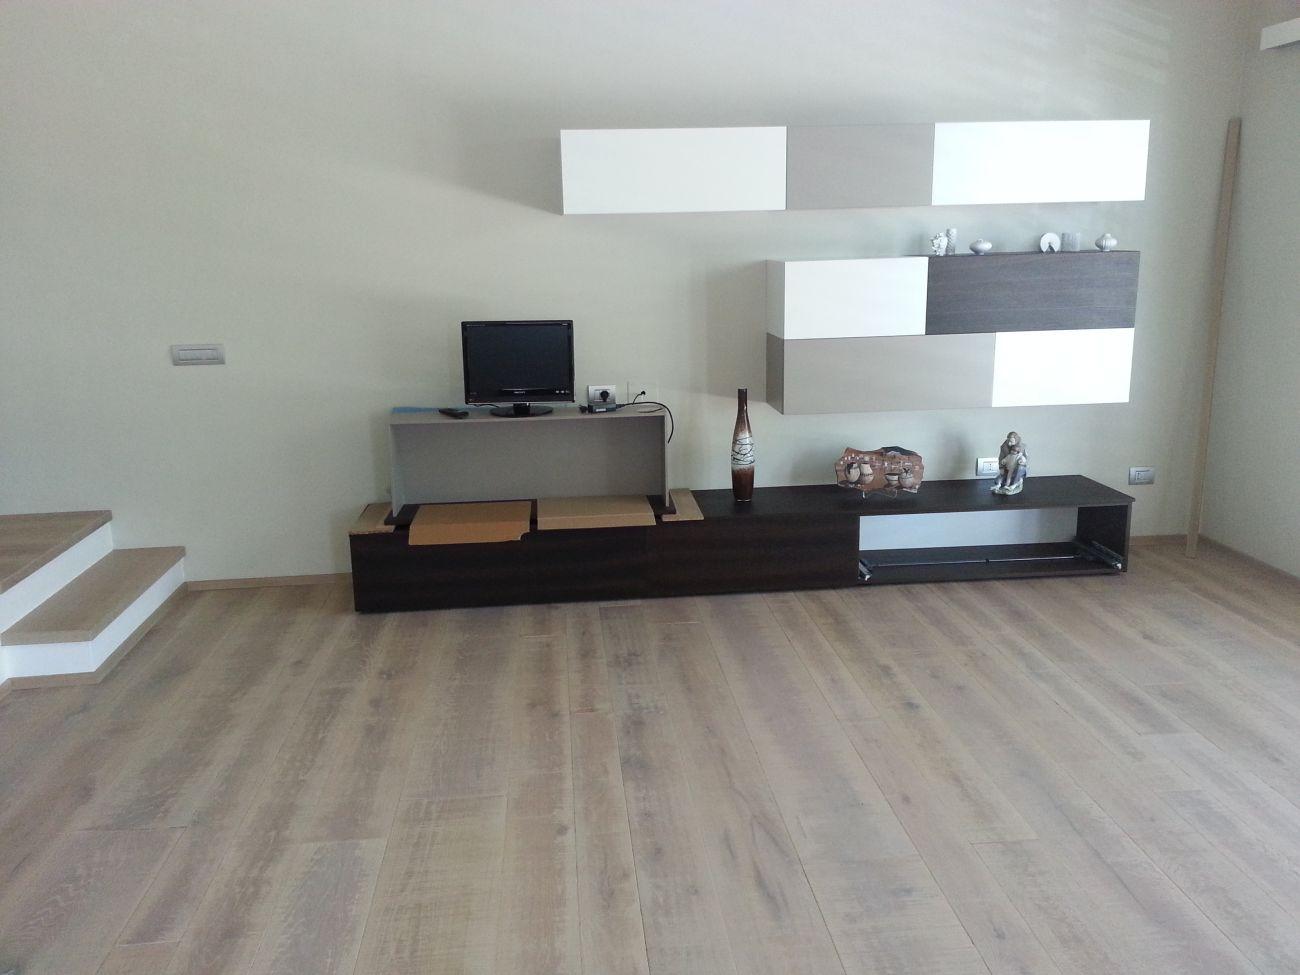 Parquet per interni soriano pavimenti in legno - Ikea parquet prefinito ...